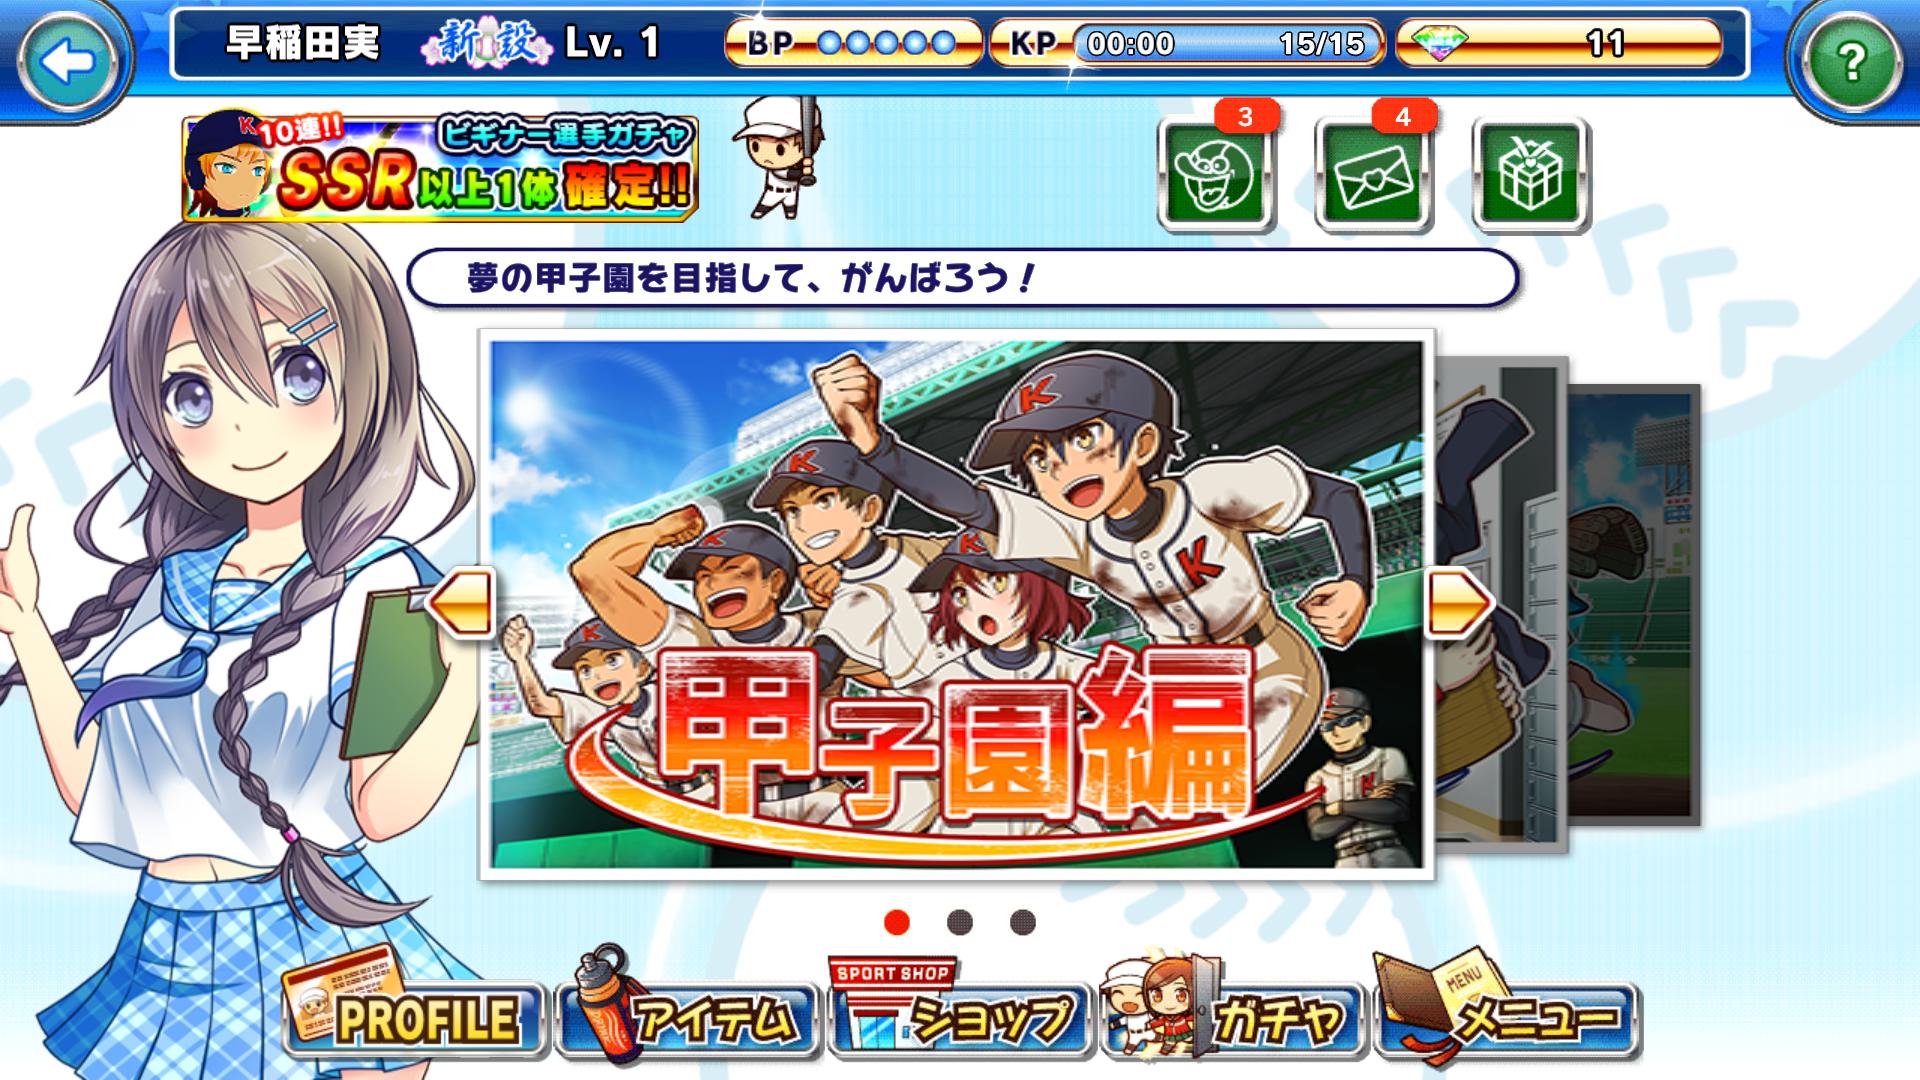 甲子園物語 -ドラマチック高校野球ゲーム- androidアプリスクリーンショット2